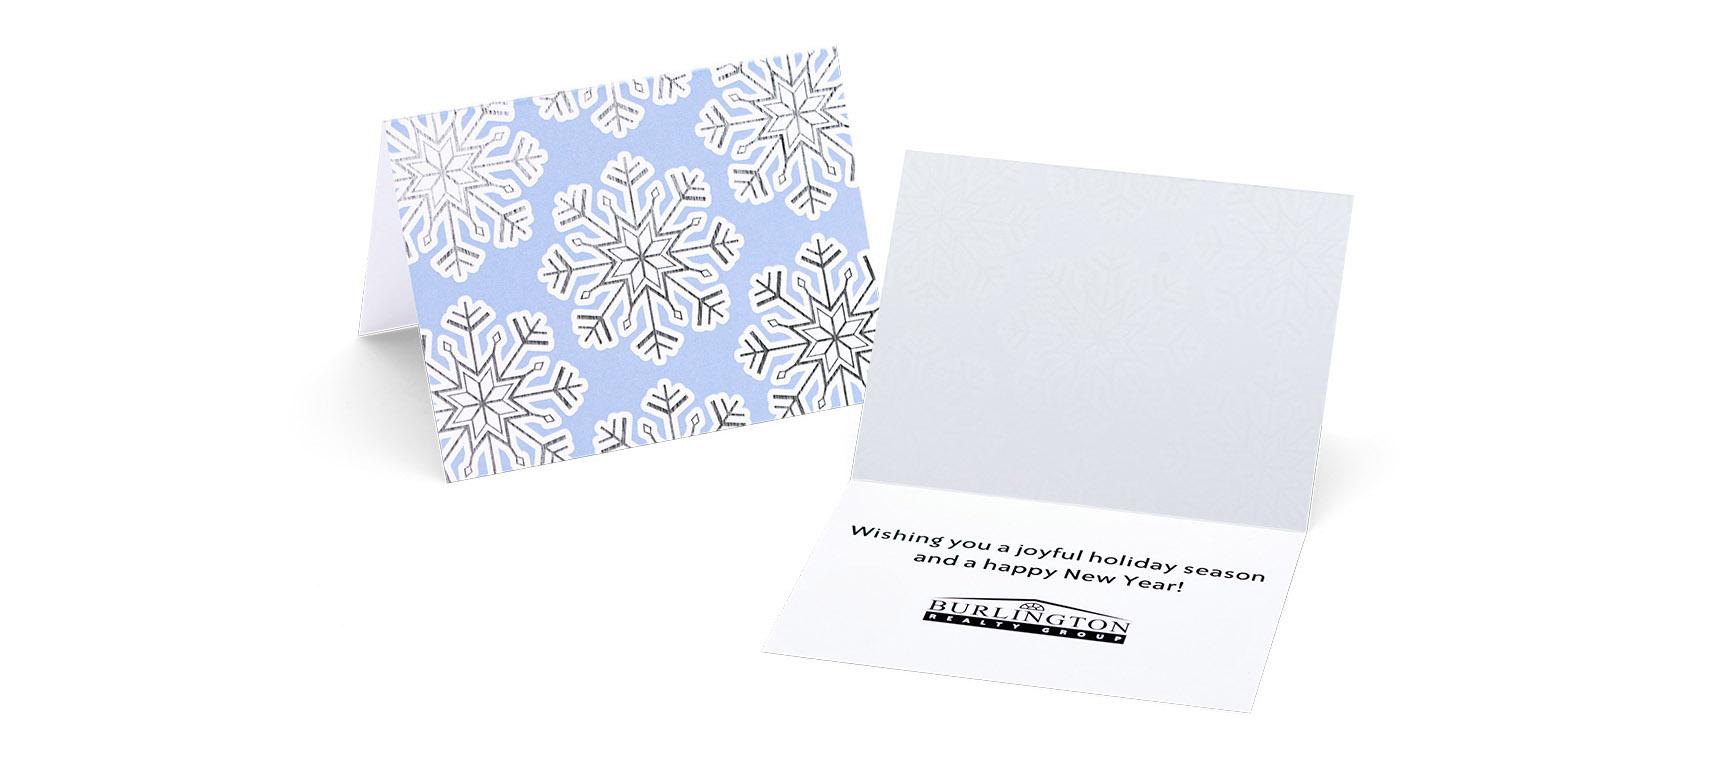 Fully Custom Printed Gift Card